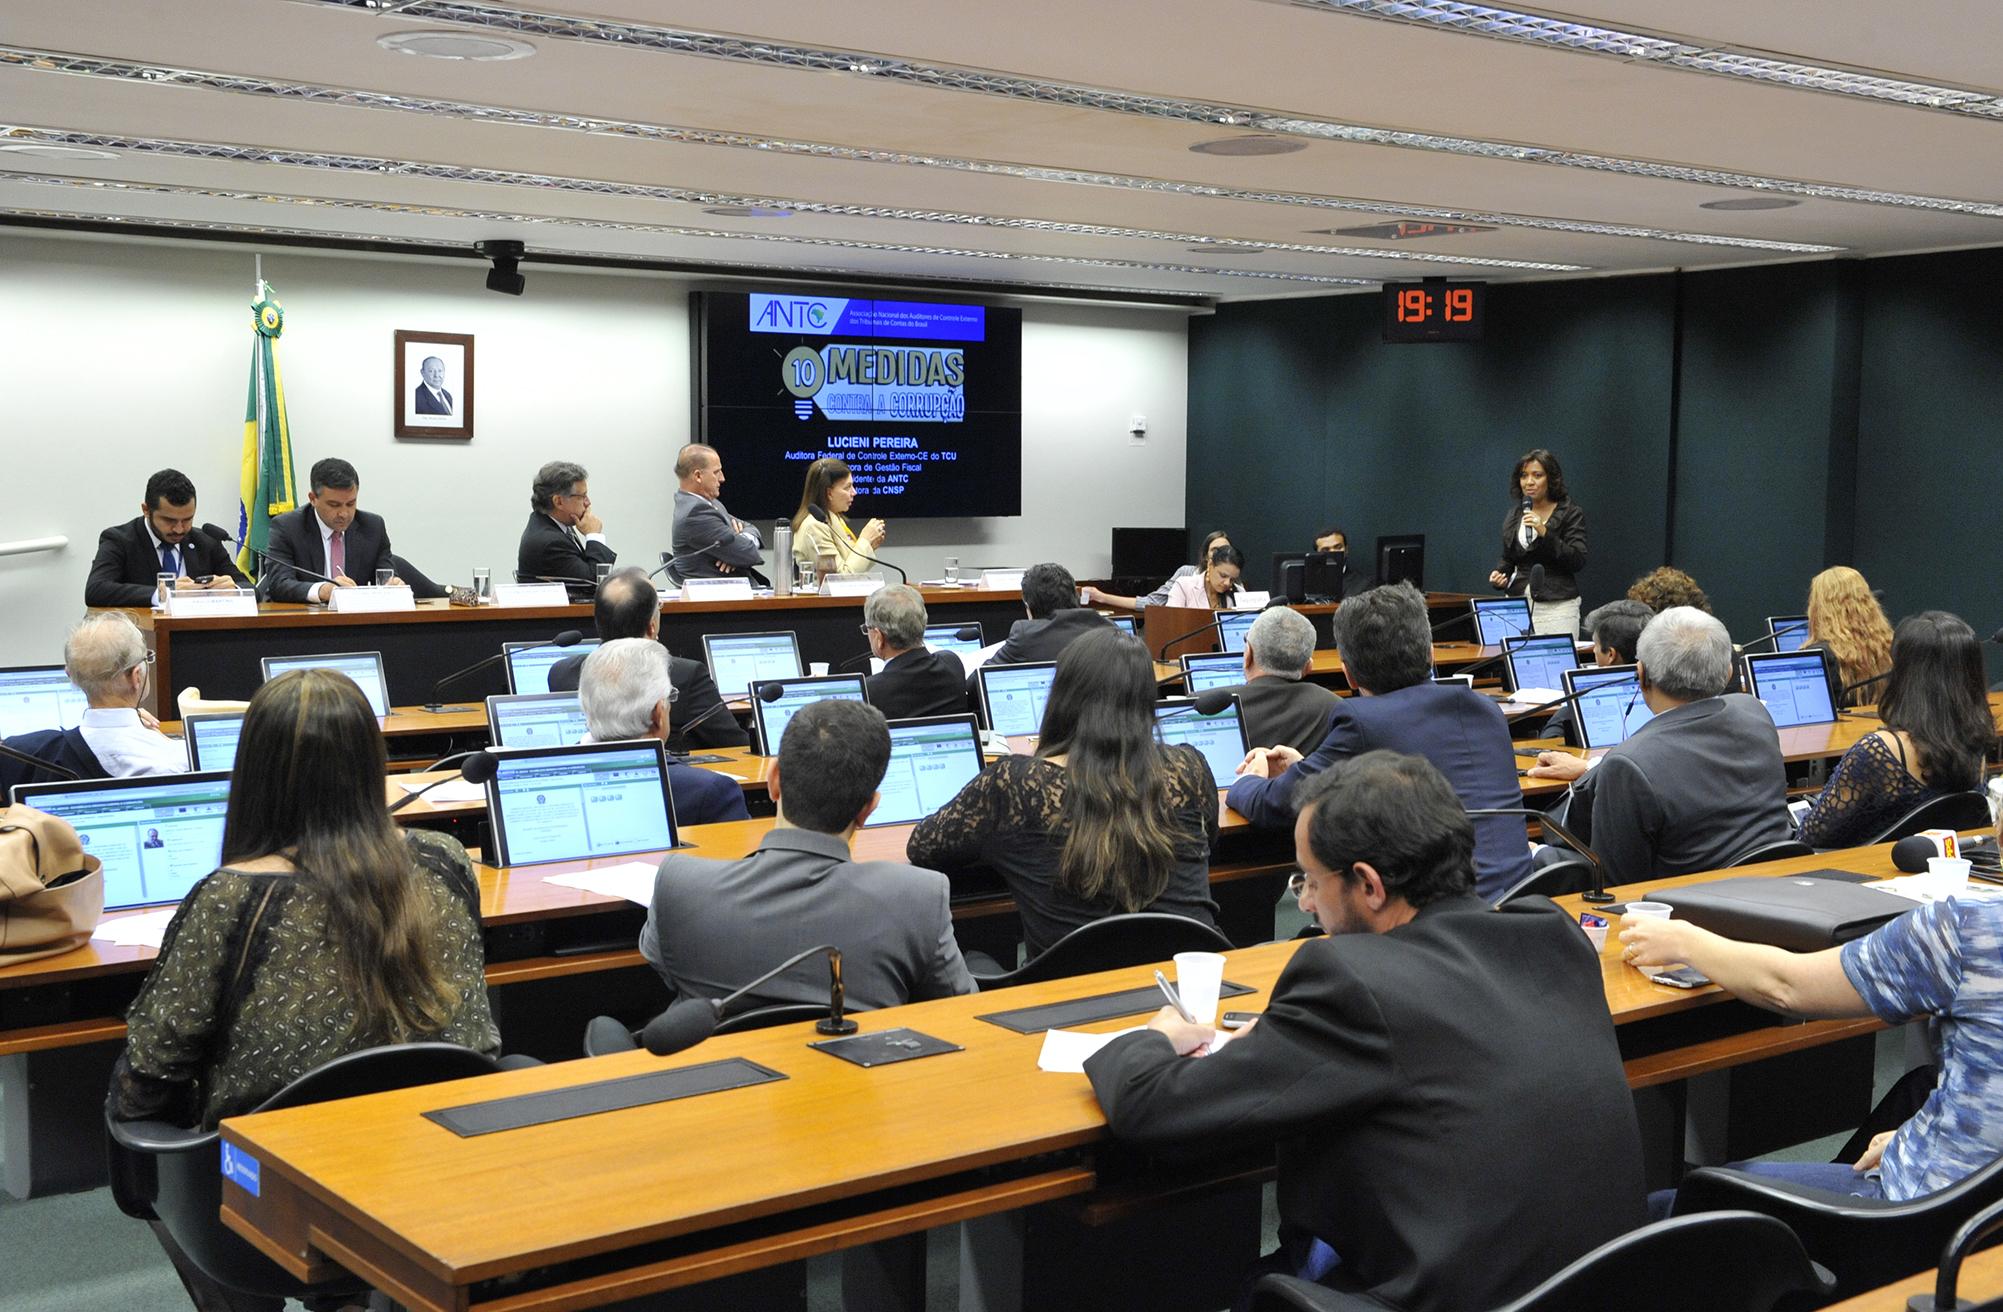 Audiência pública da comissão que discute o PL 4850/16, que estabelece Medidas contra a Corrupção